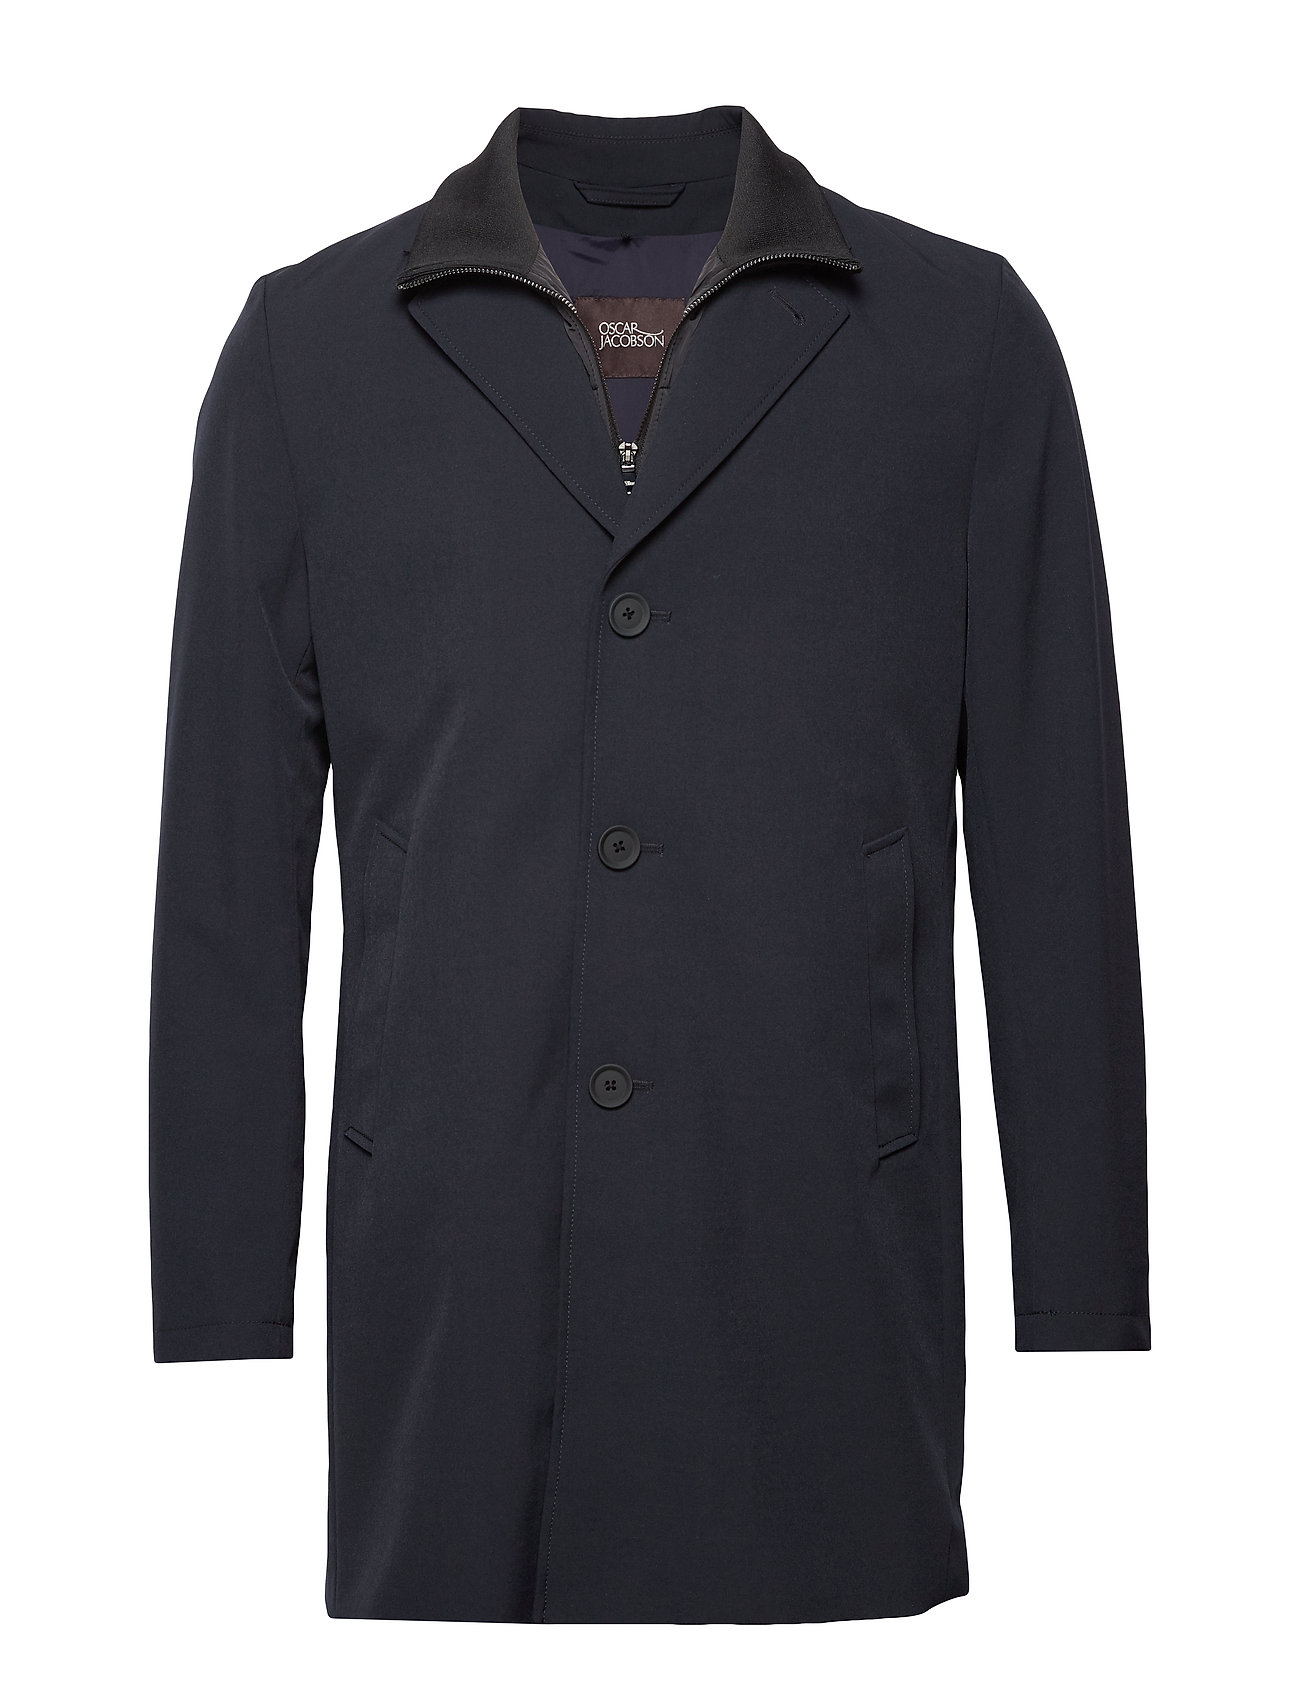 Oscar Jacobson Dalton Coat - 210 - NAVY